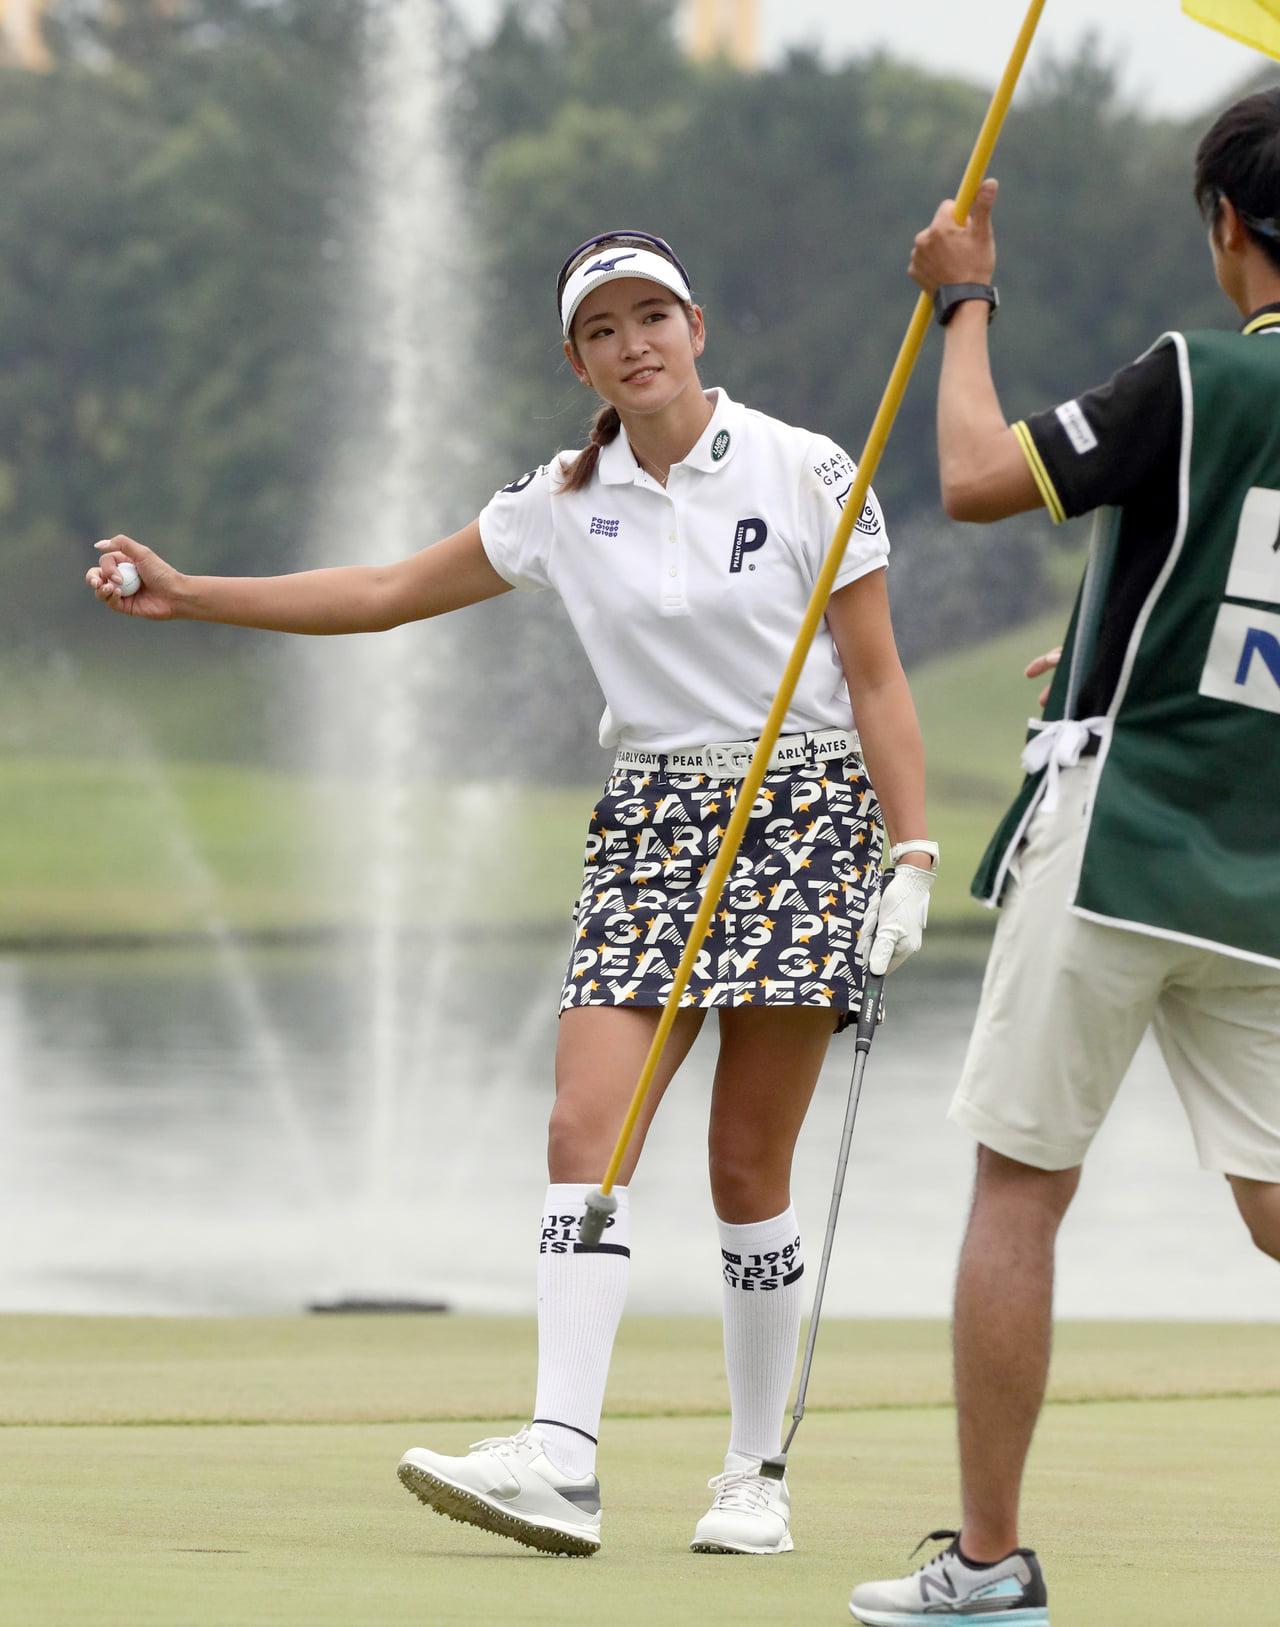 日本 女子 オープン 2020 2020年度(第53回)日本女子オープンゴルフ選手権